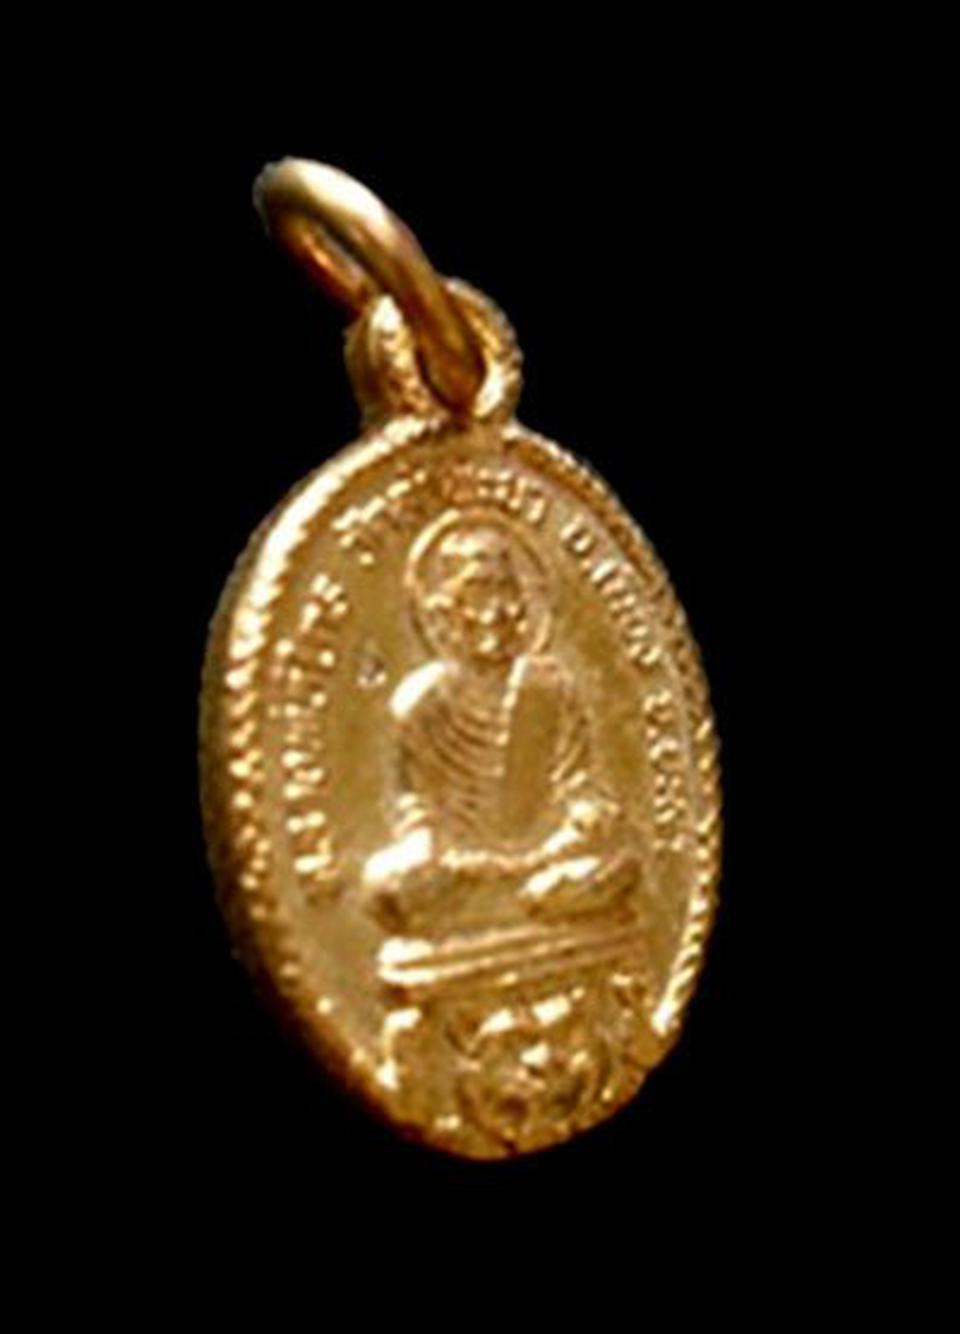 เหรียญเม็ดแตงหลวงพ่อไกรหลังหลวงพ่อทวด วัดลำพะยา ยะลา รูปที่ 2